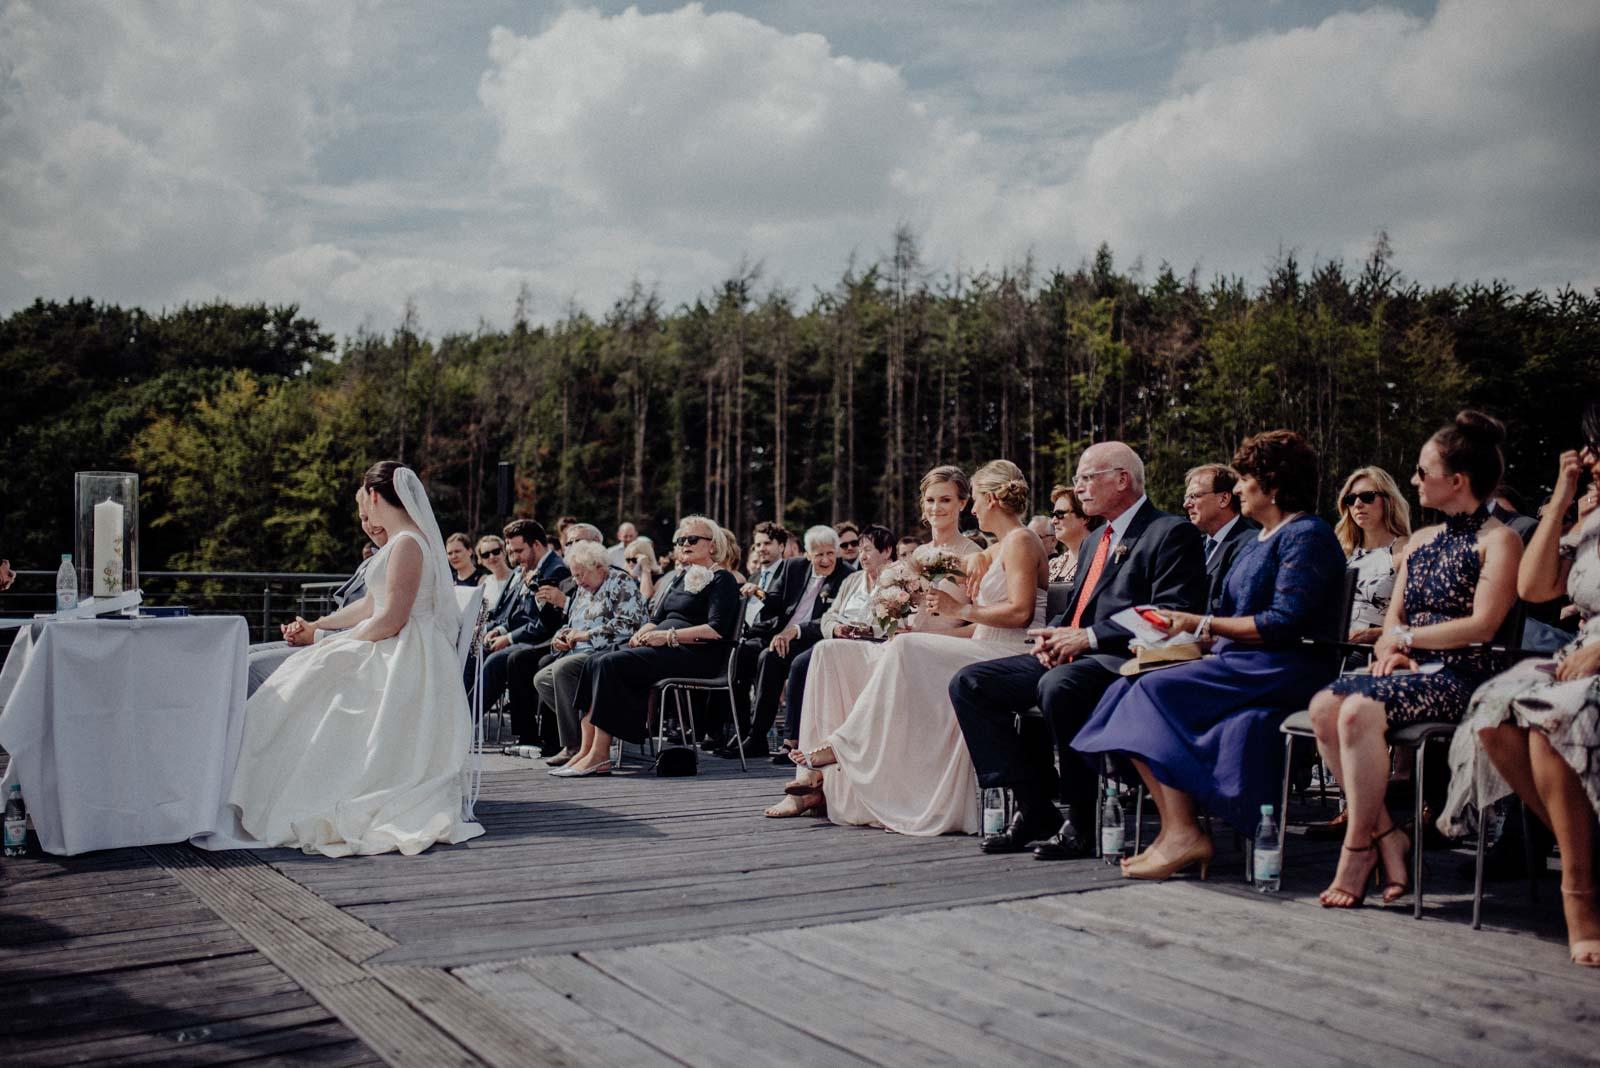 Beginn der Trauzeremonie auf dem Dach des Golfhotel Vesper